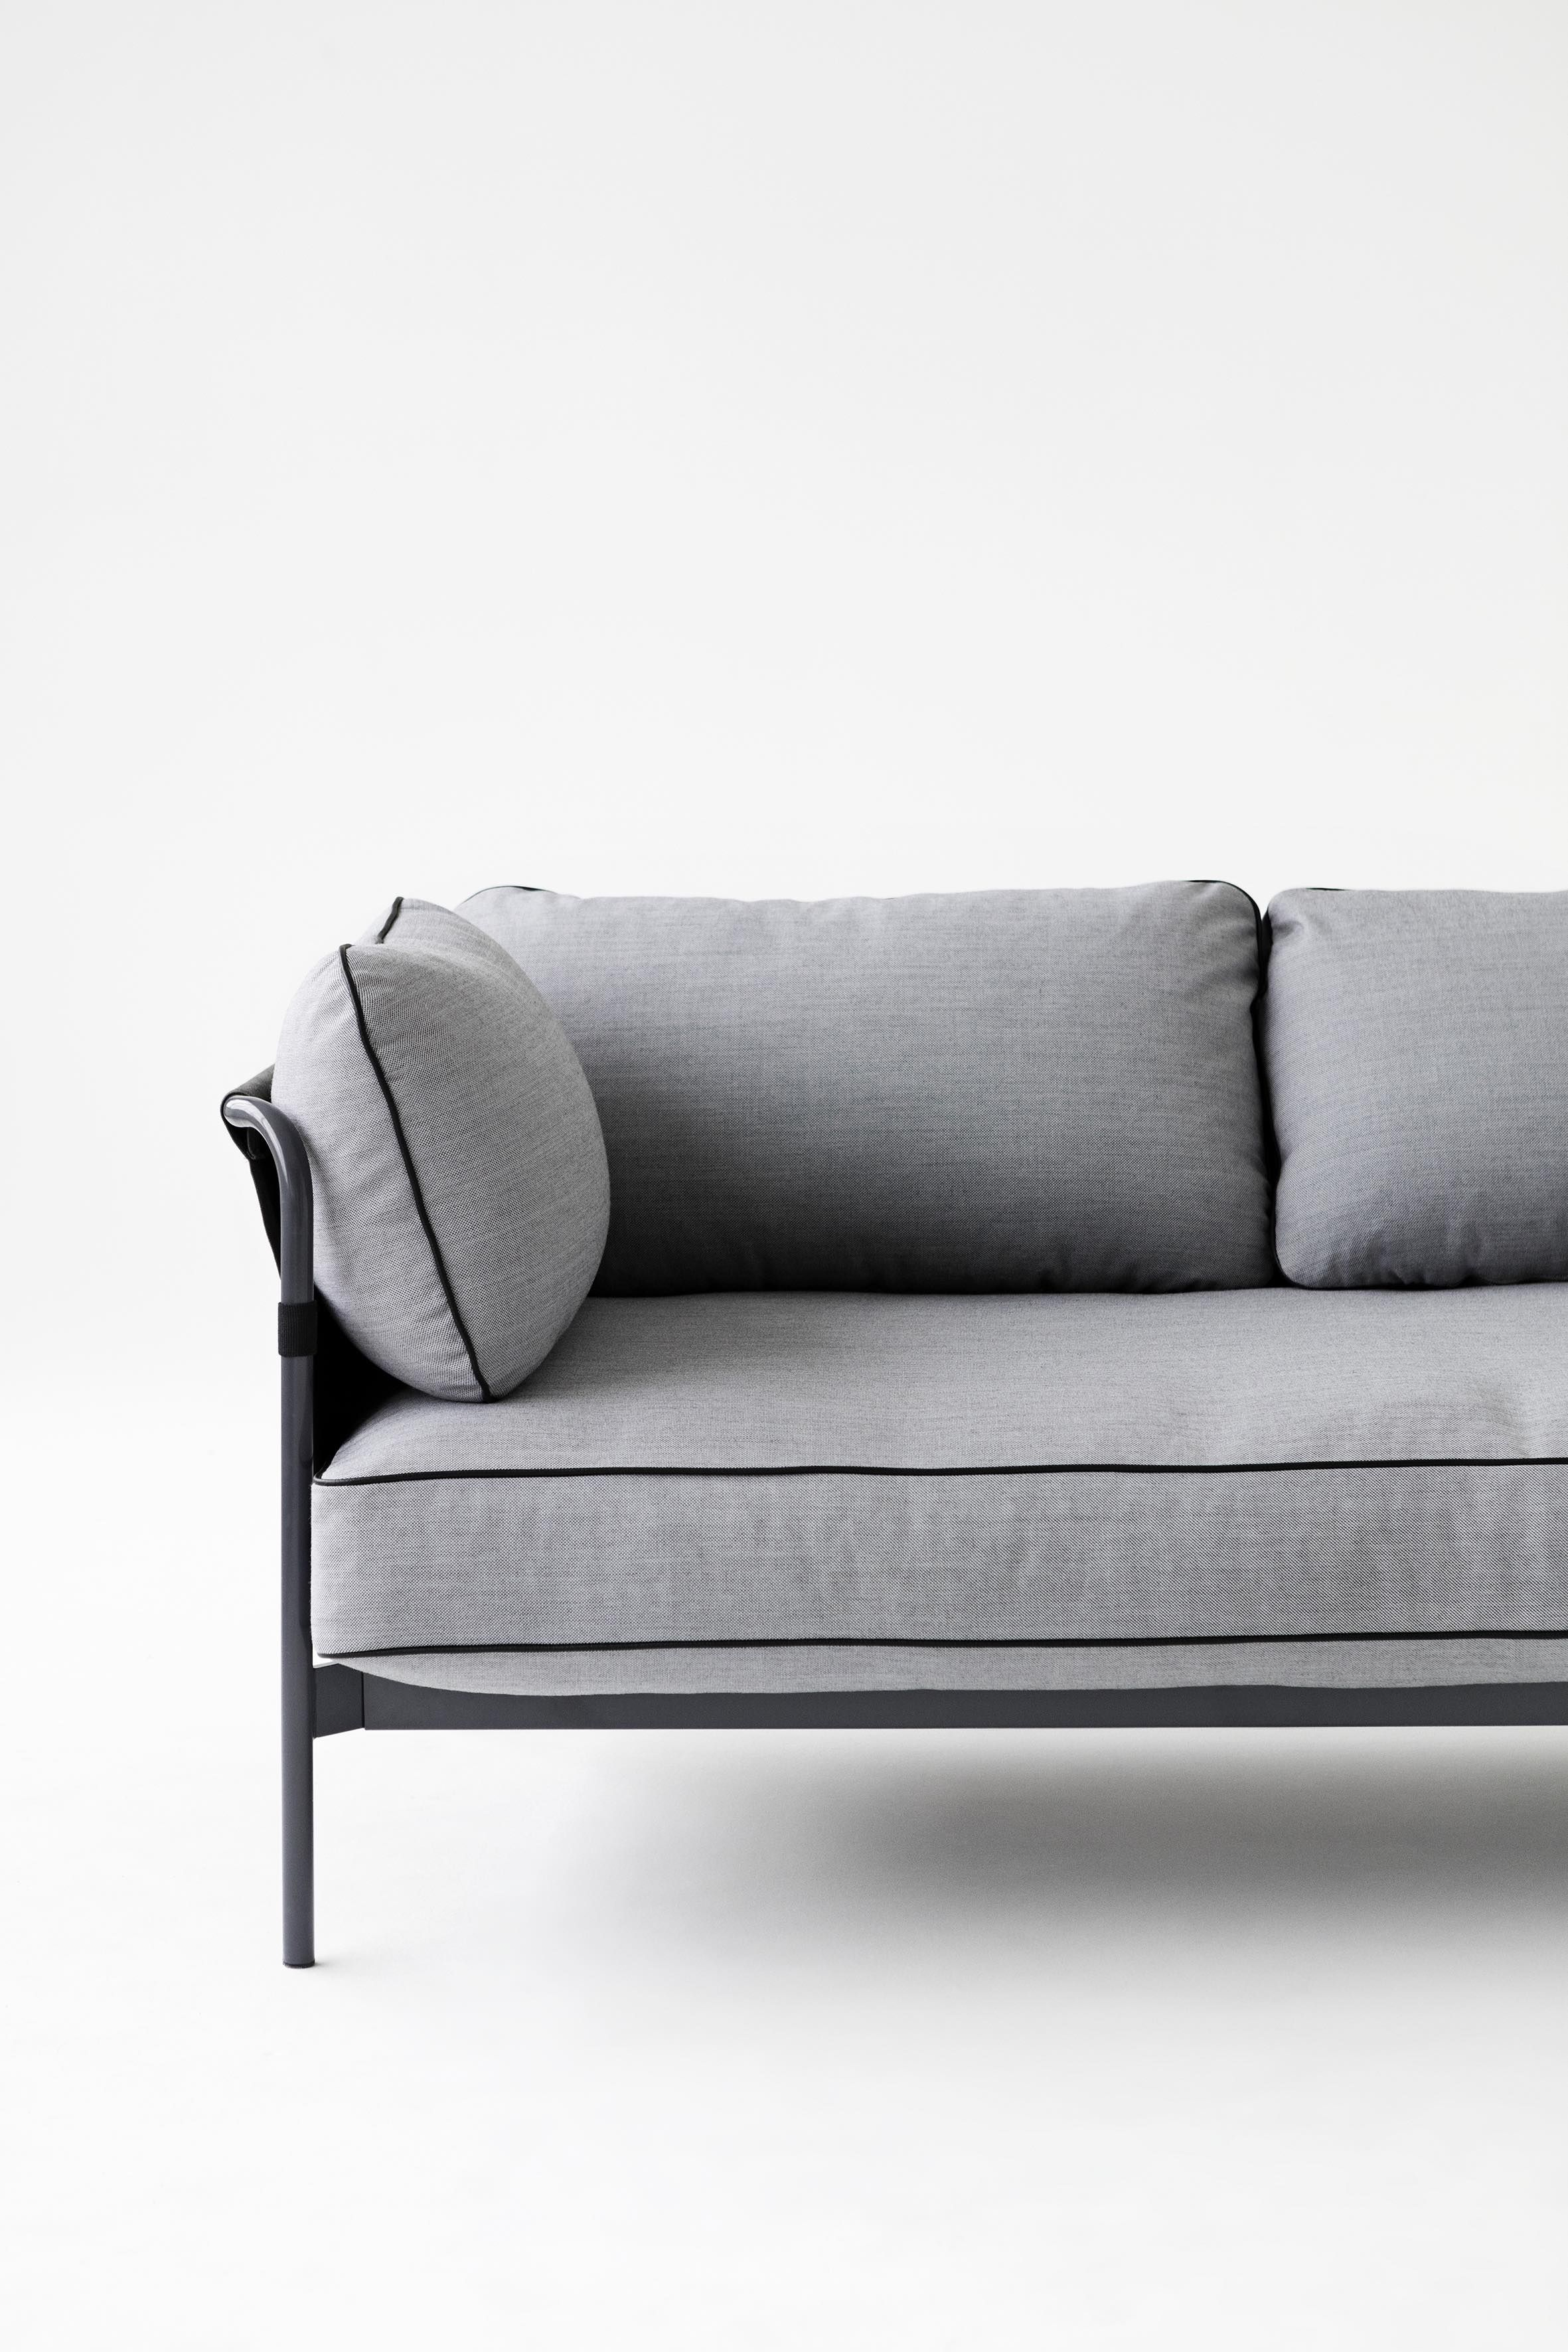 Billig designklassiker sofa   Deutsche Deko   Pinterest ...